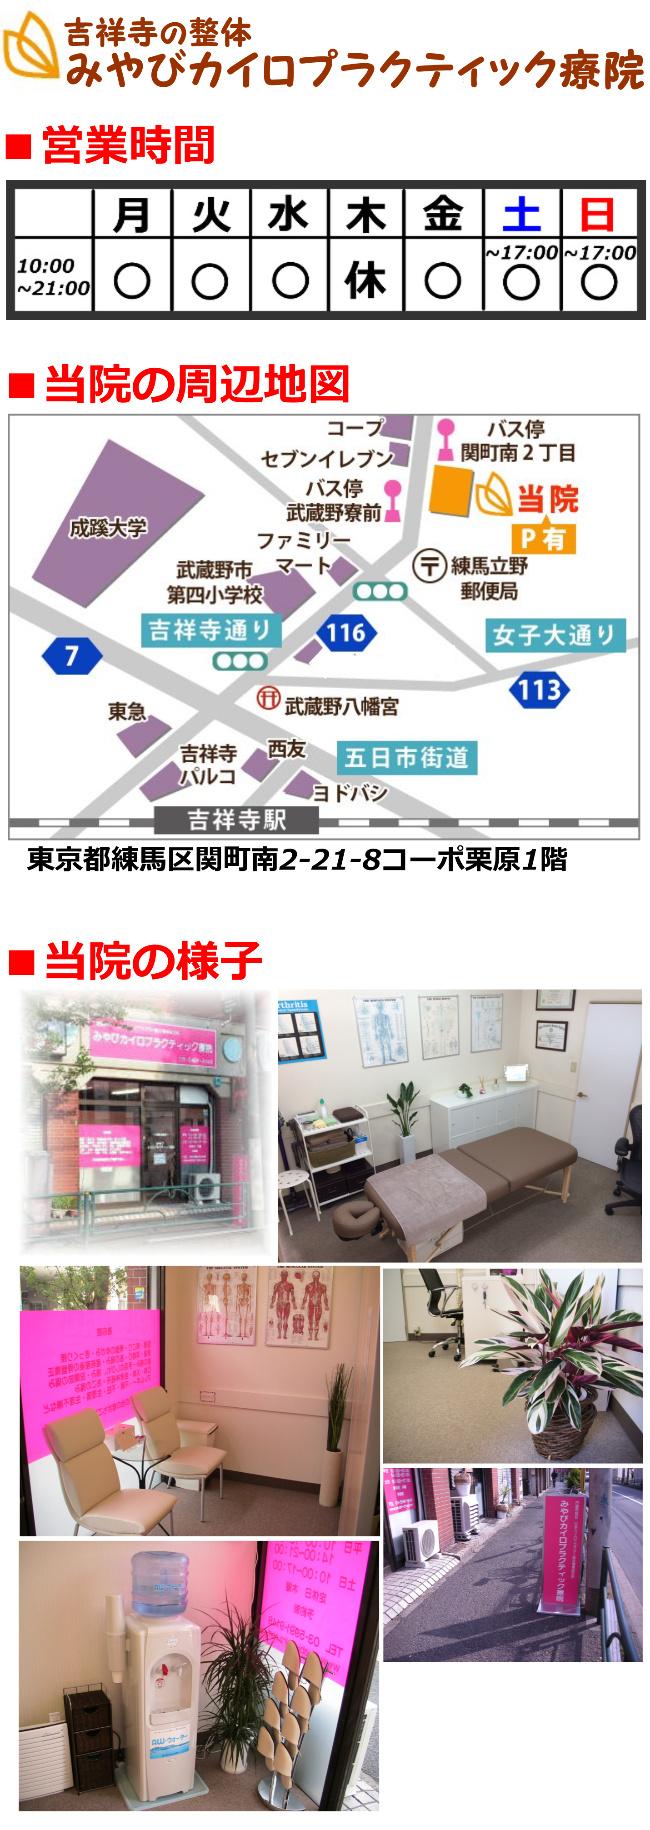 営業案内・当院の周辺地図・当院の様子